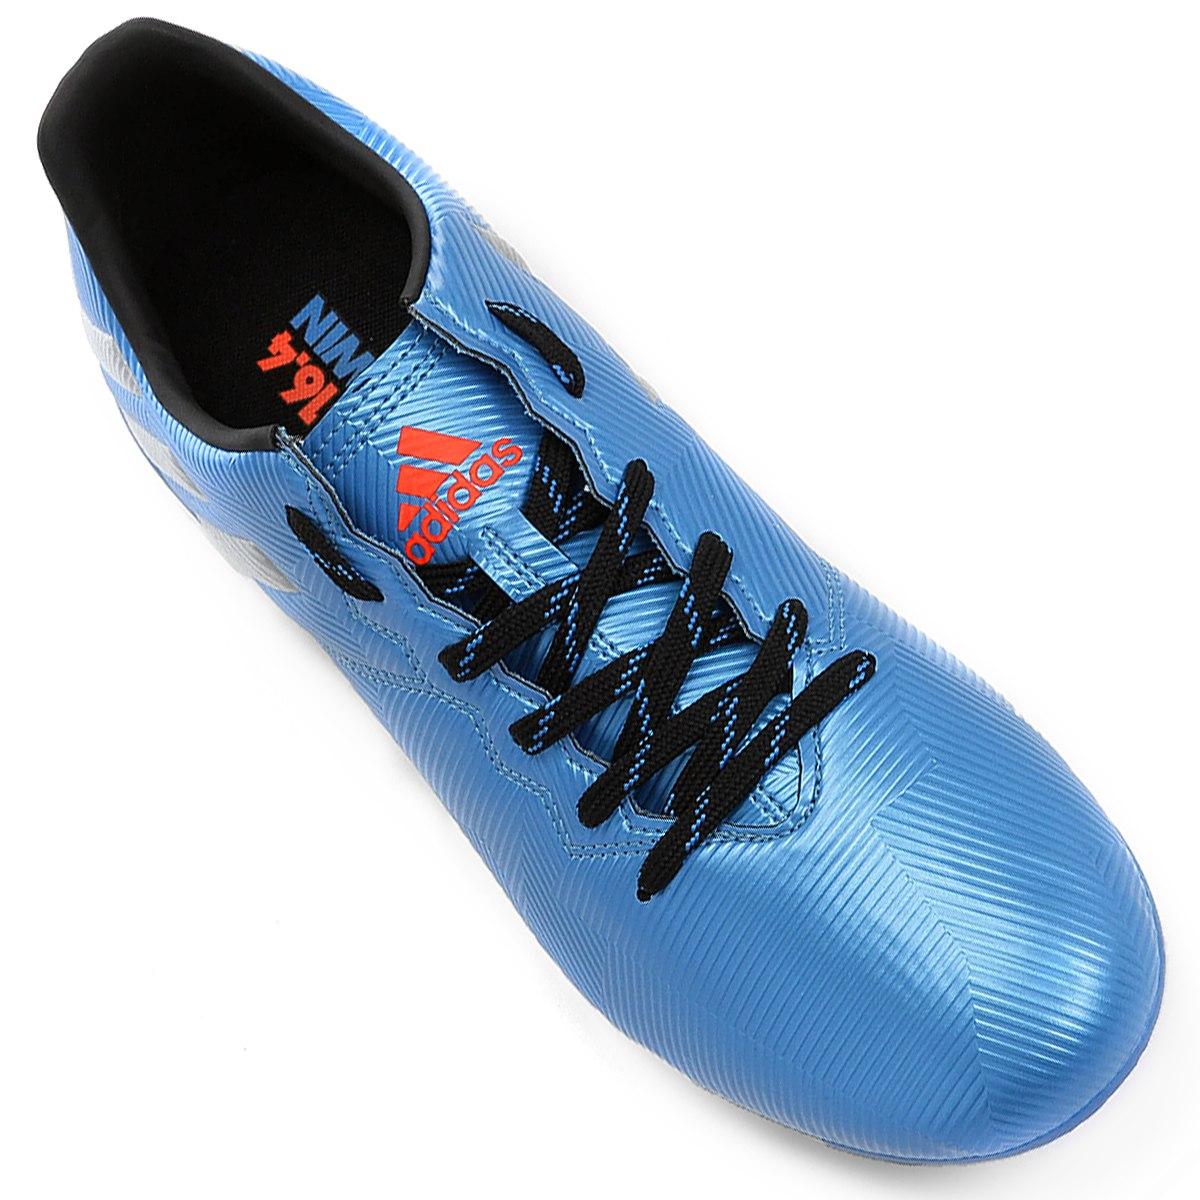 Chuteira Campo Adidas Messi 16.4 FxG Masculino - Azul - Joinville ... 5cd1403de277a